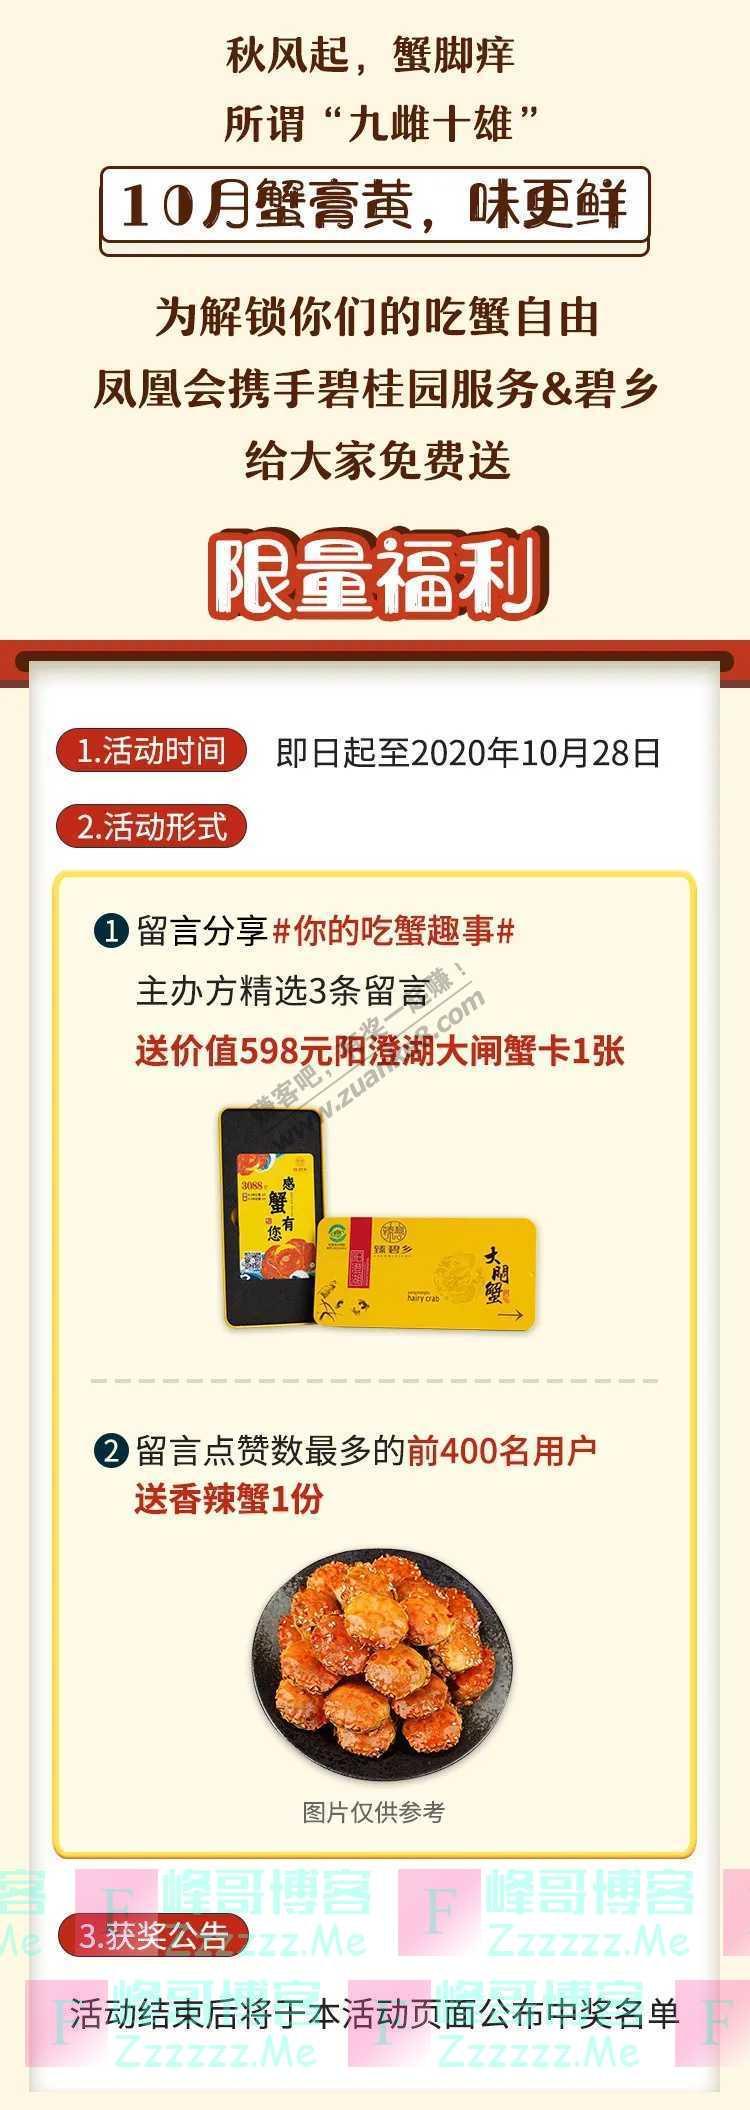 碧桂园凤凰会留言免费送蟹蟹,400+份等你来拿(10月28日截止)